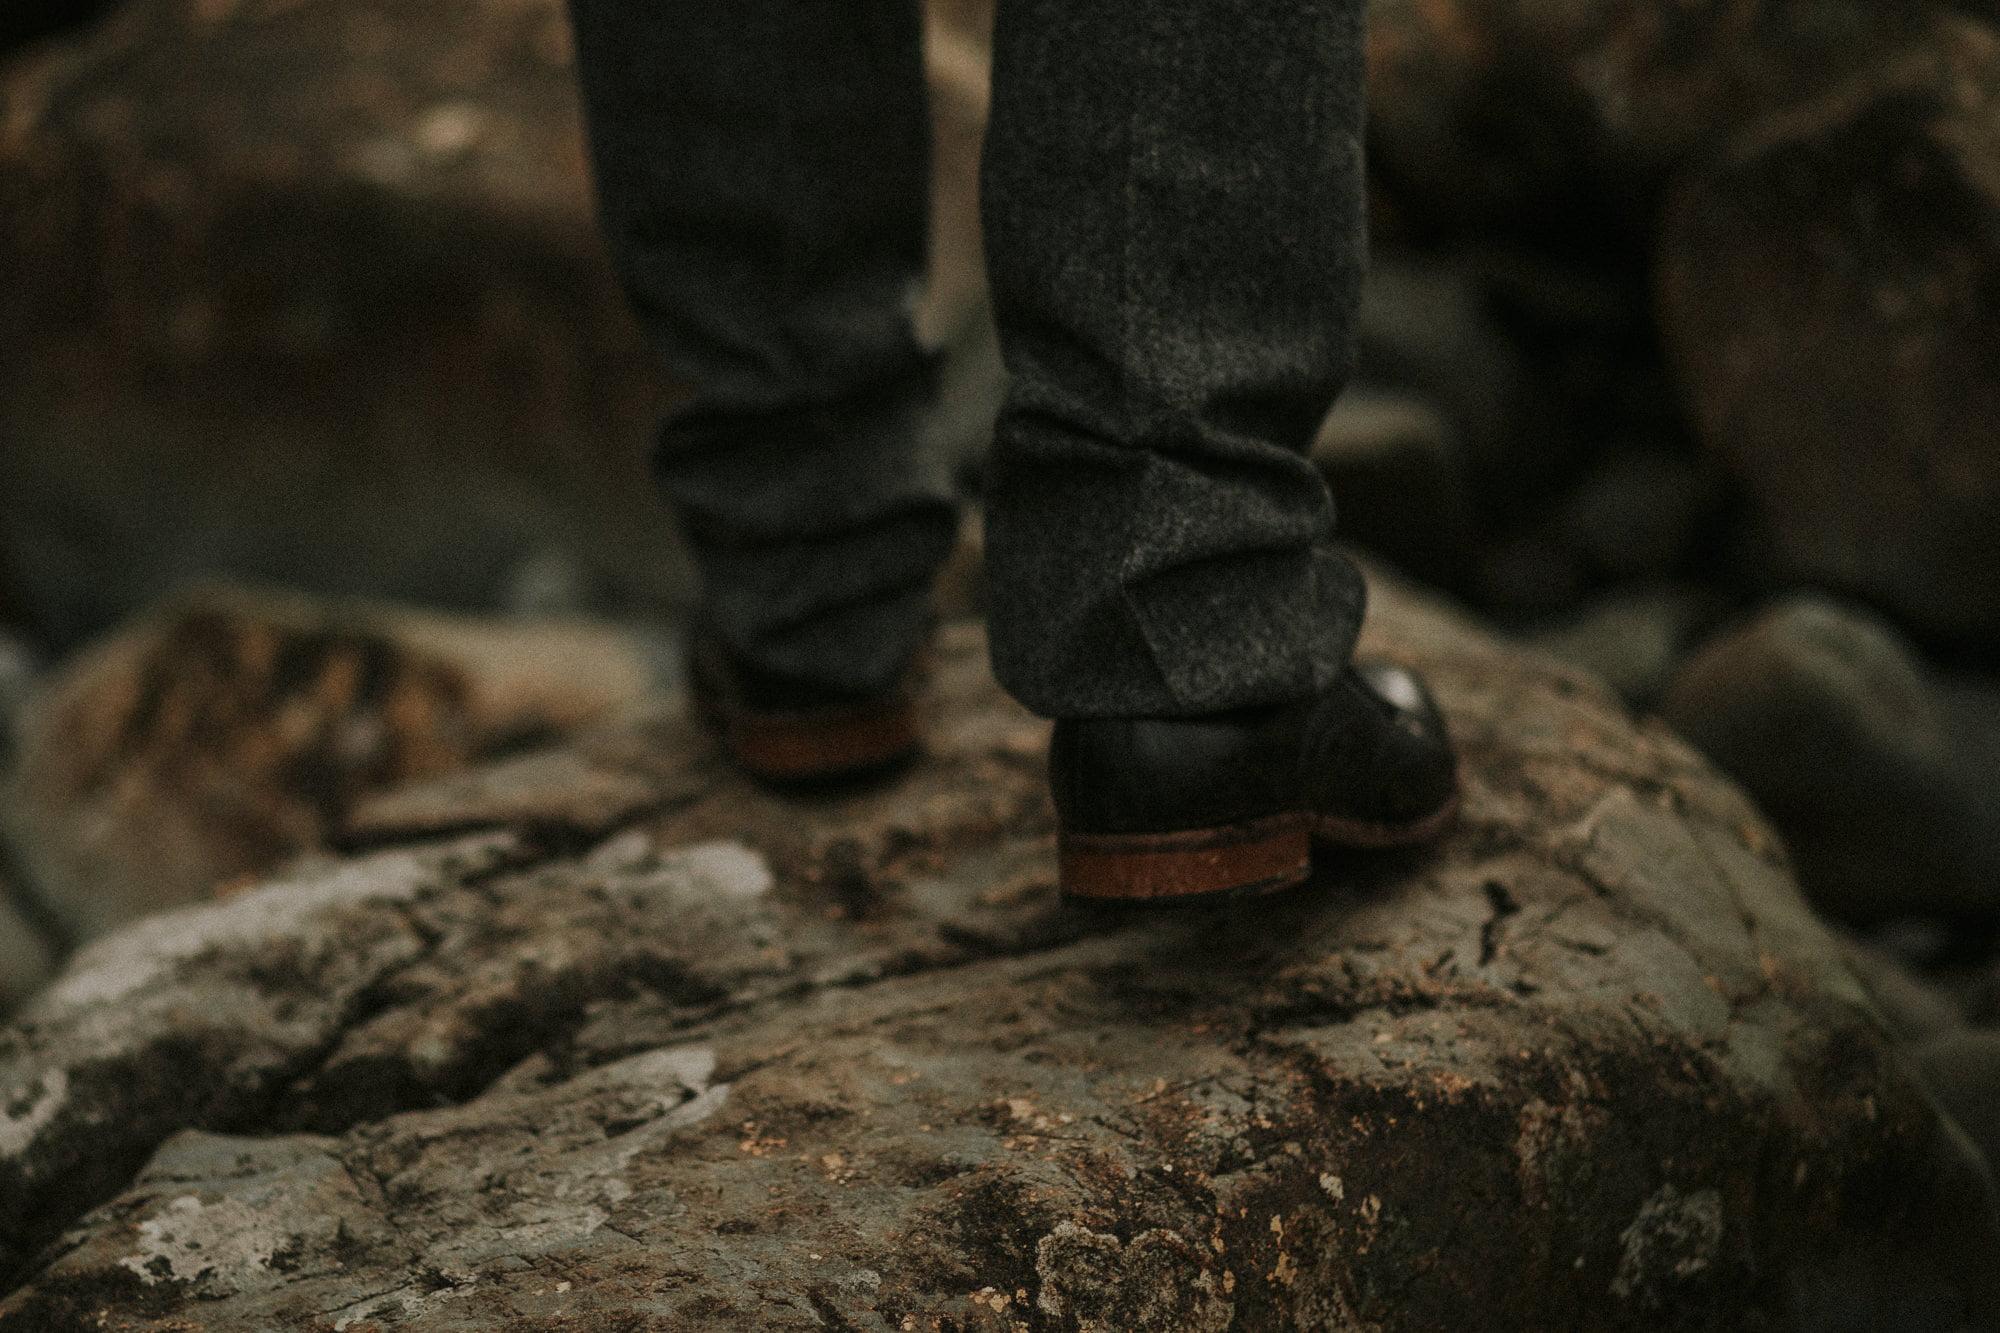 Stephen Wardlaw in Walker Slater man outfit, Isle of Skye Photographer, by Bernadeta Kupiec, Isle of Skye elopement photographer